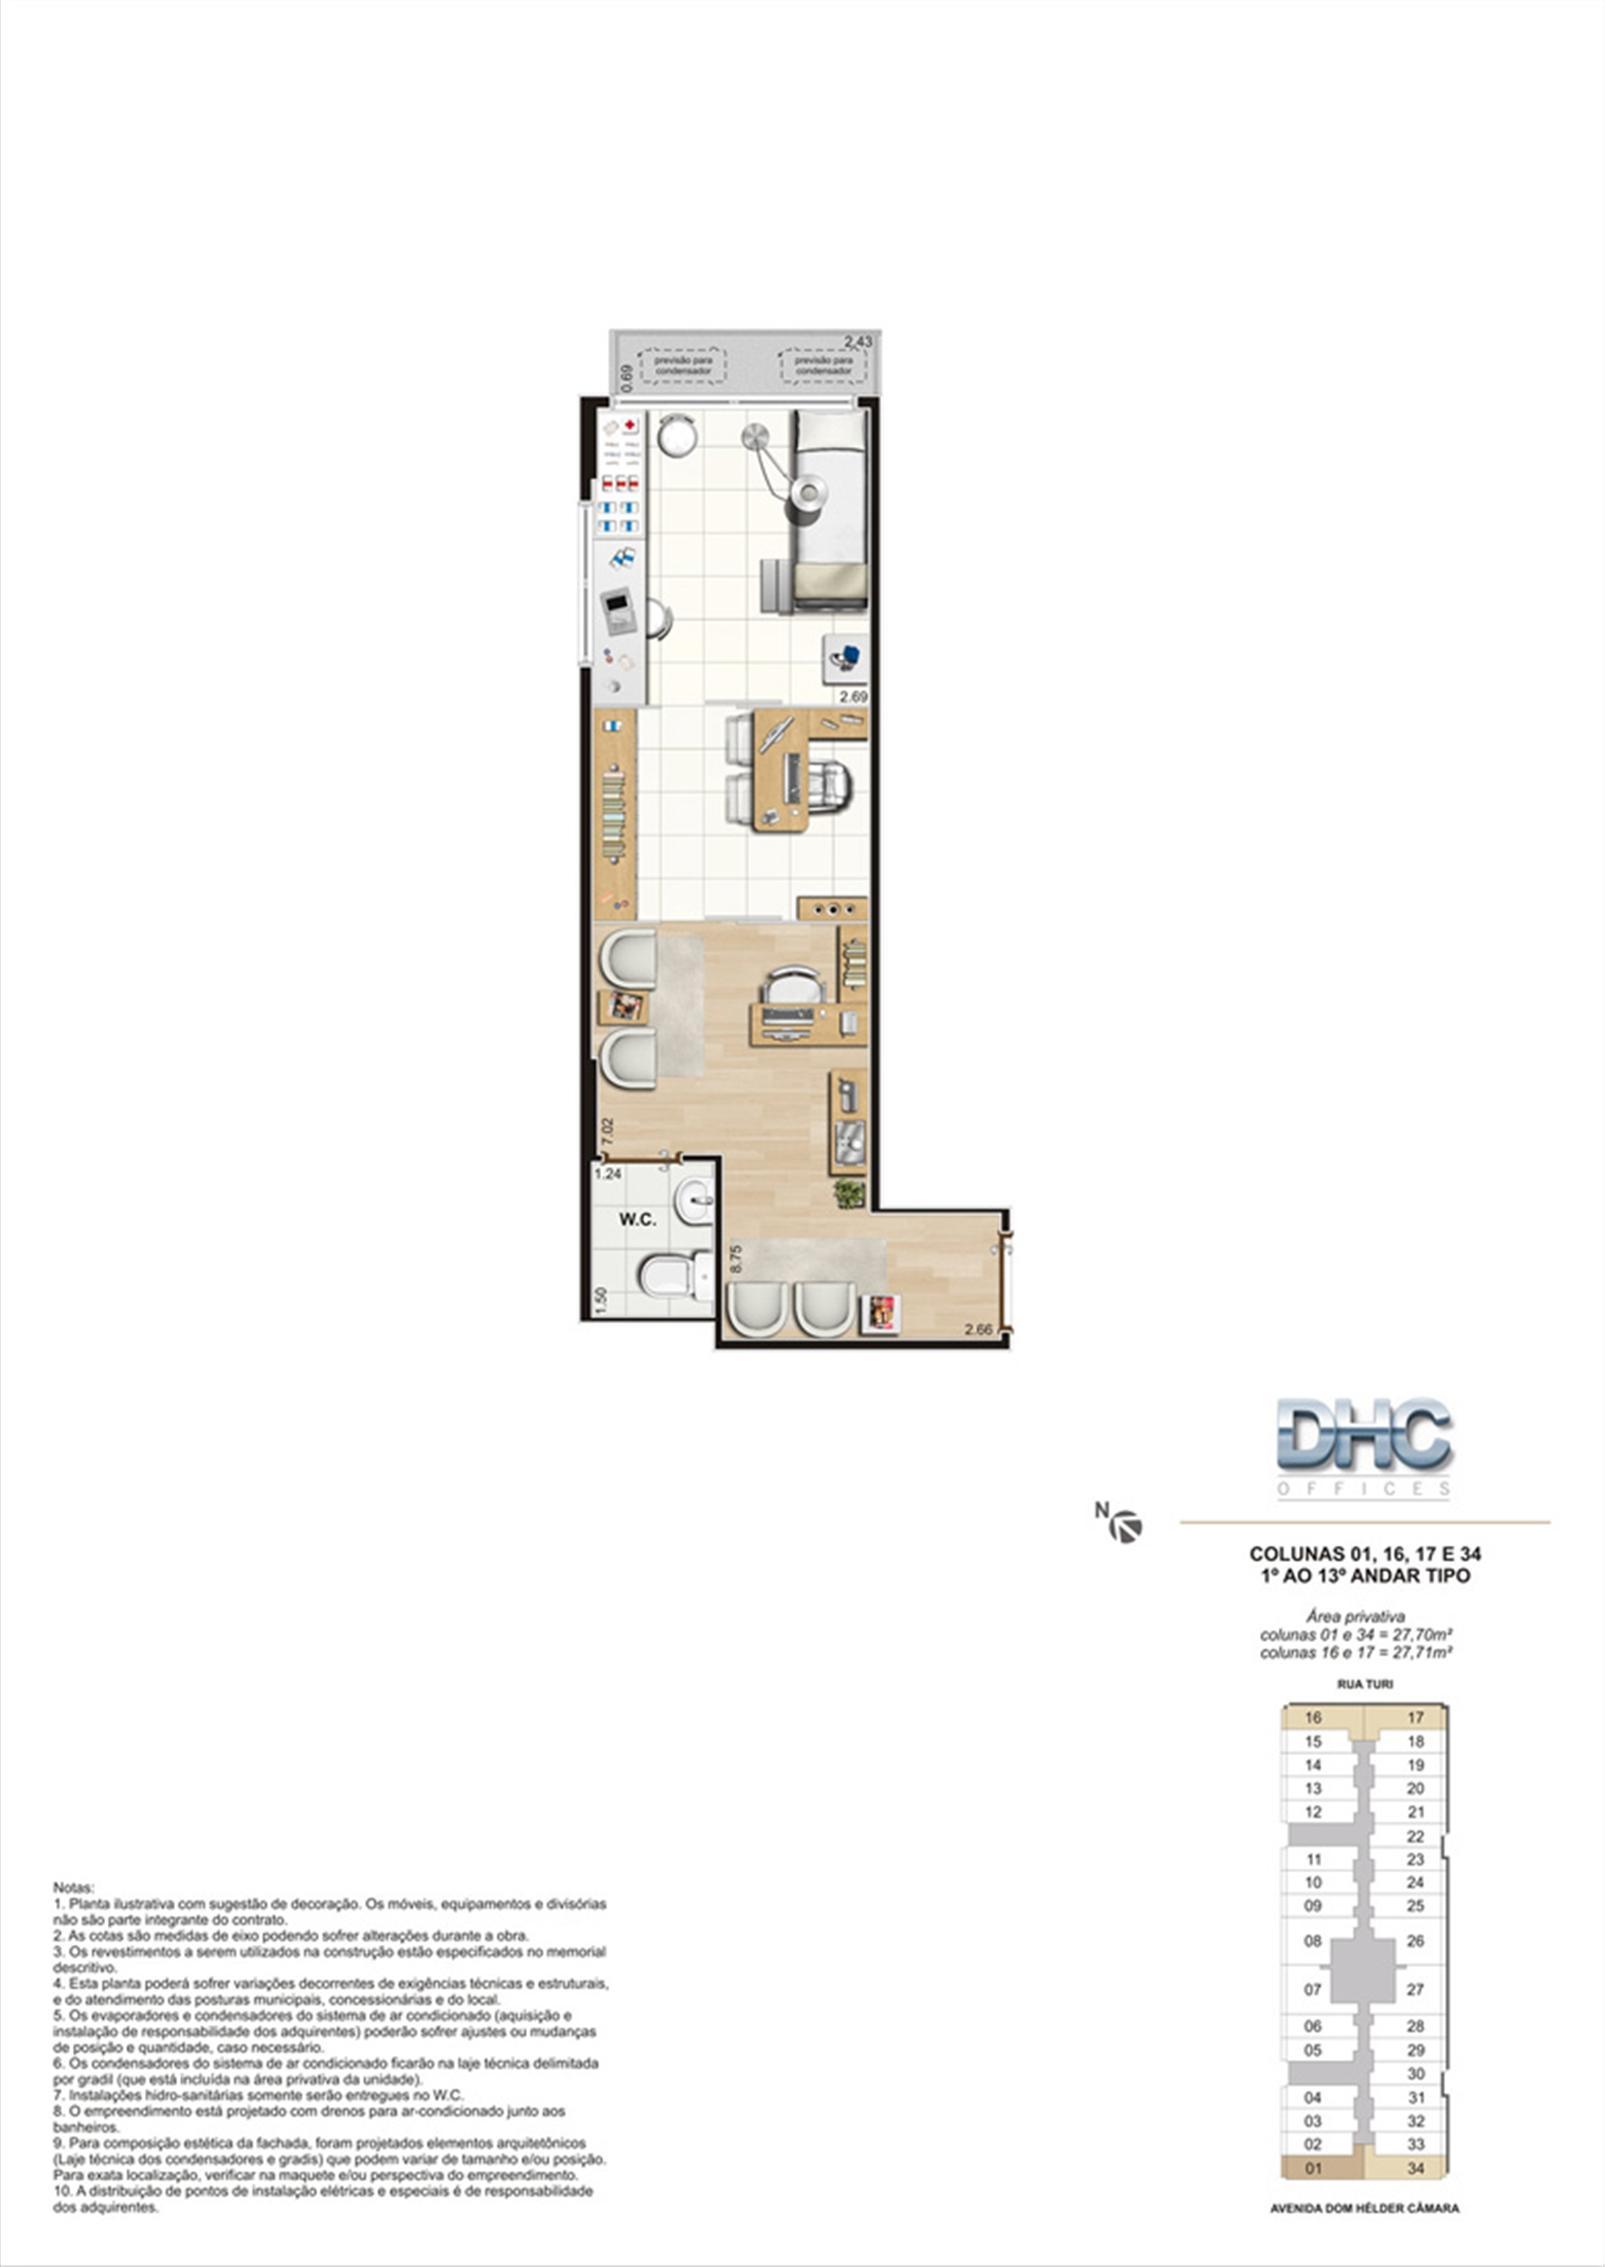 Colunas 01, 16, 17 e 34 -1° ao 13º andar tipo | DHC Offices – Salas Comerciaisem  Pilares - Rio de Janeiro - Rio de Janeiro